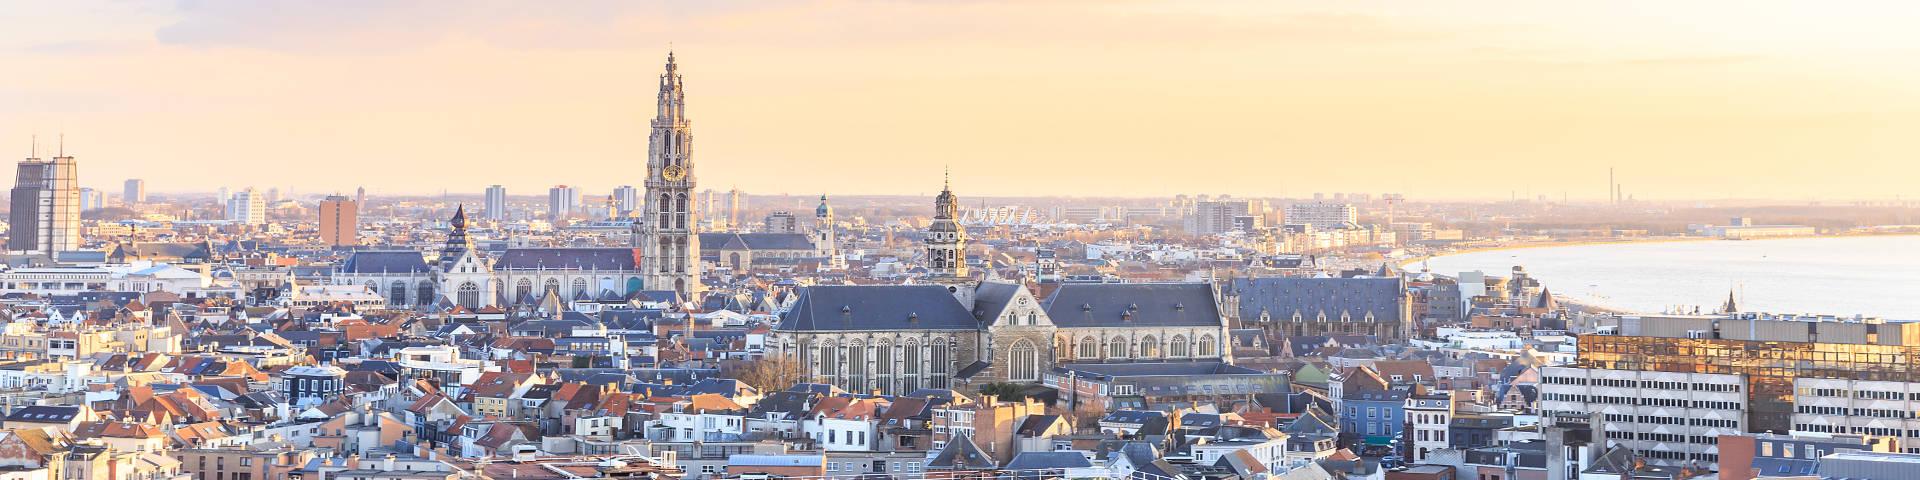 Antwerp hero banner 1